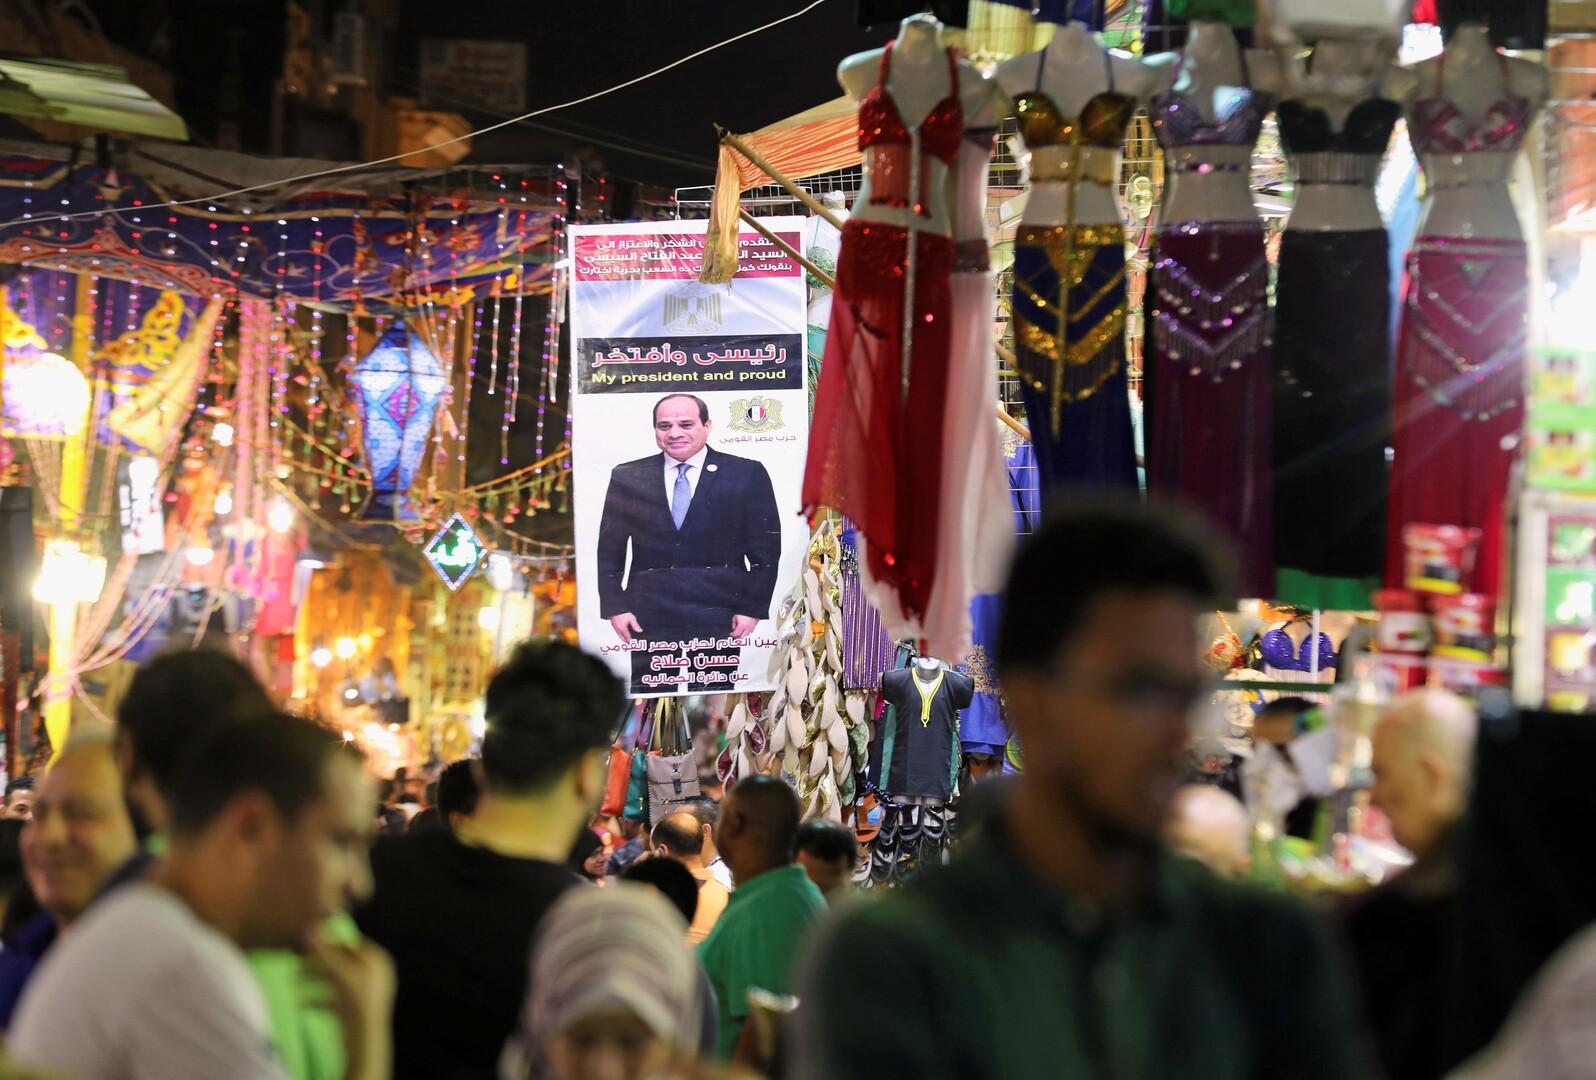 مصر توقف استيراد الدواجن ومشتقاتها لدعم المنتج المحلي